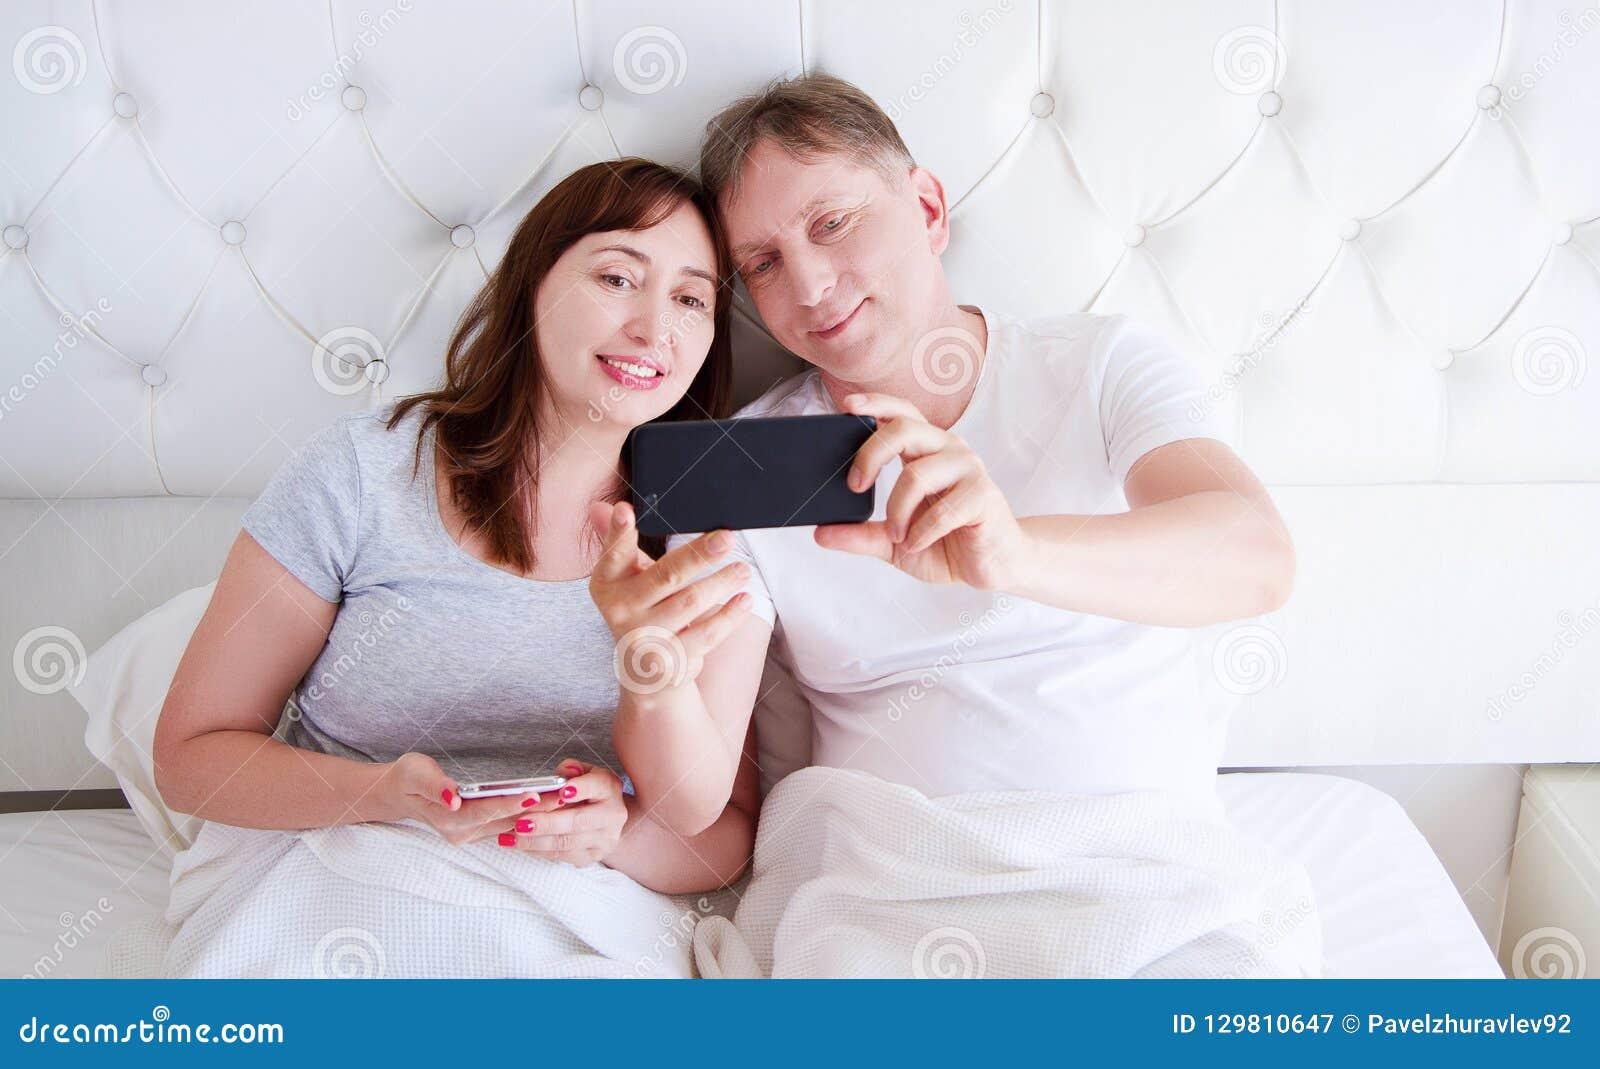 Couples âgés moyens souriant et faire le selfie ou communiquer sur le smartphone dans la chambre à coucher, famille heureuse